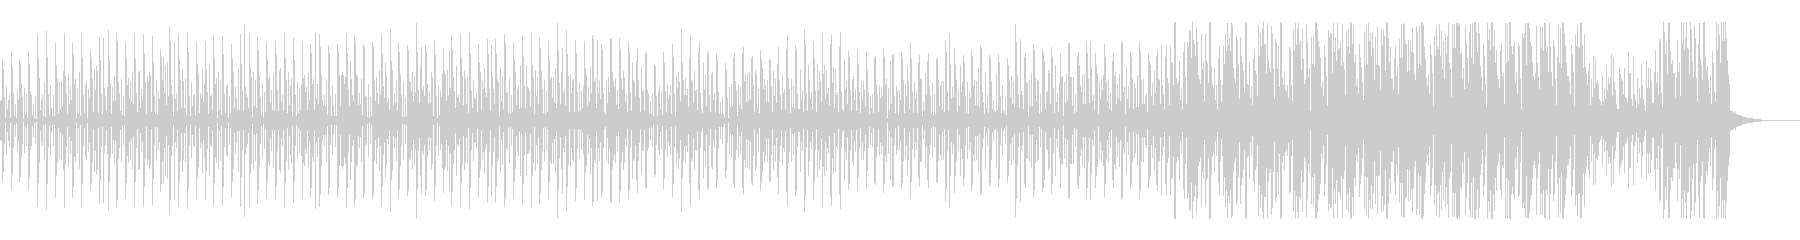 木琴・ボンゴのとにかく不思議なほのぼのの未再生の波形